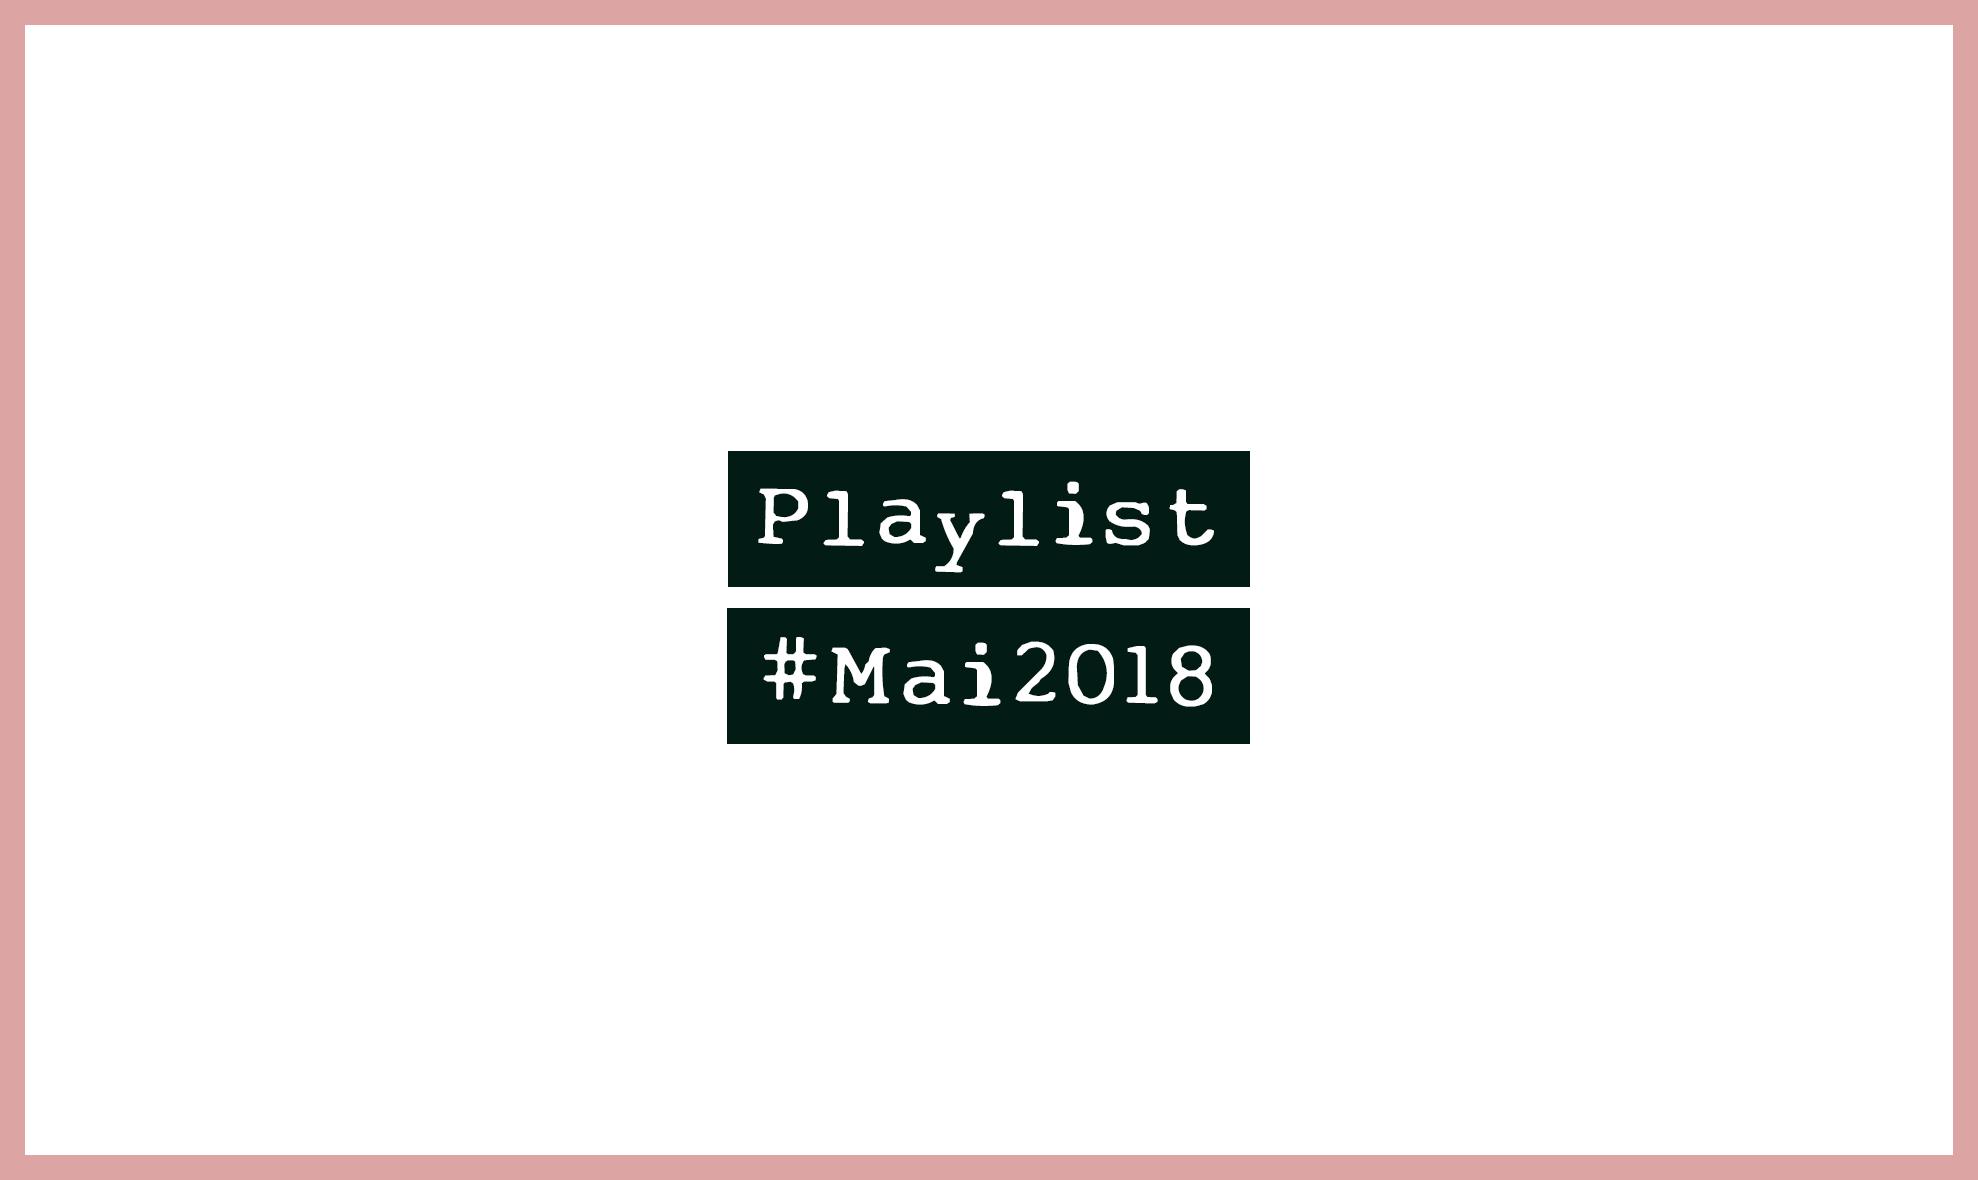 Playlist #Mai2018